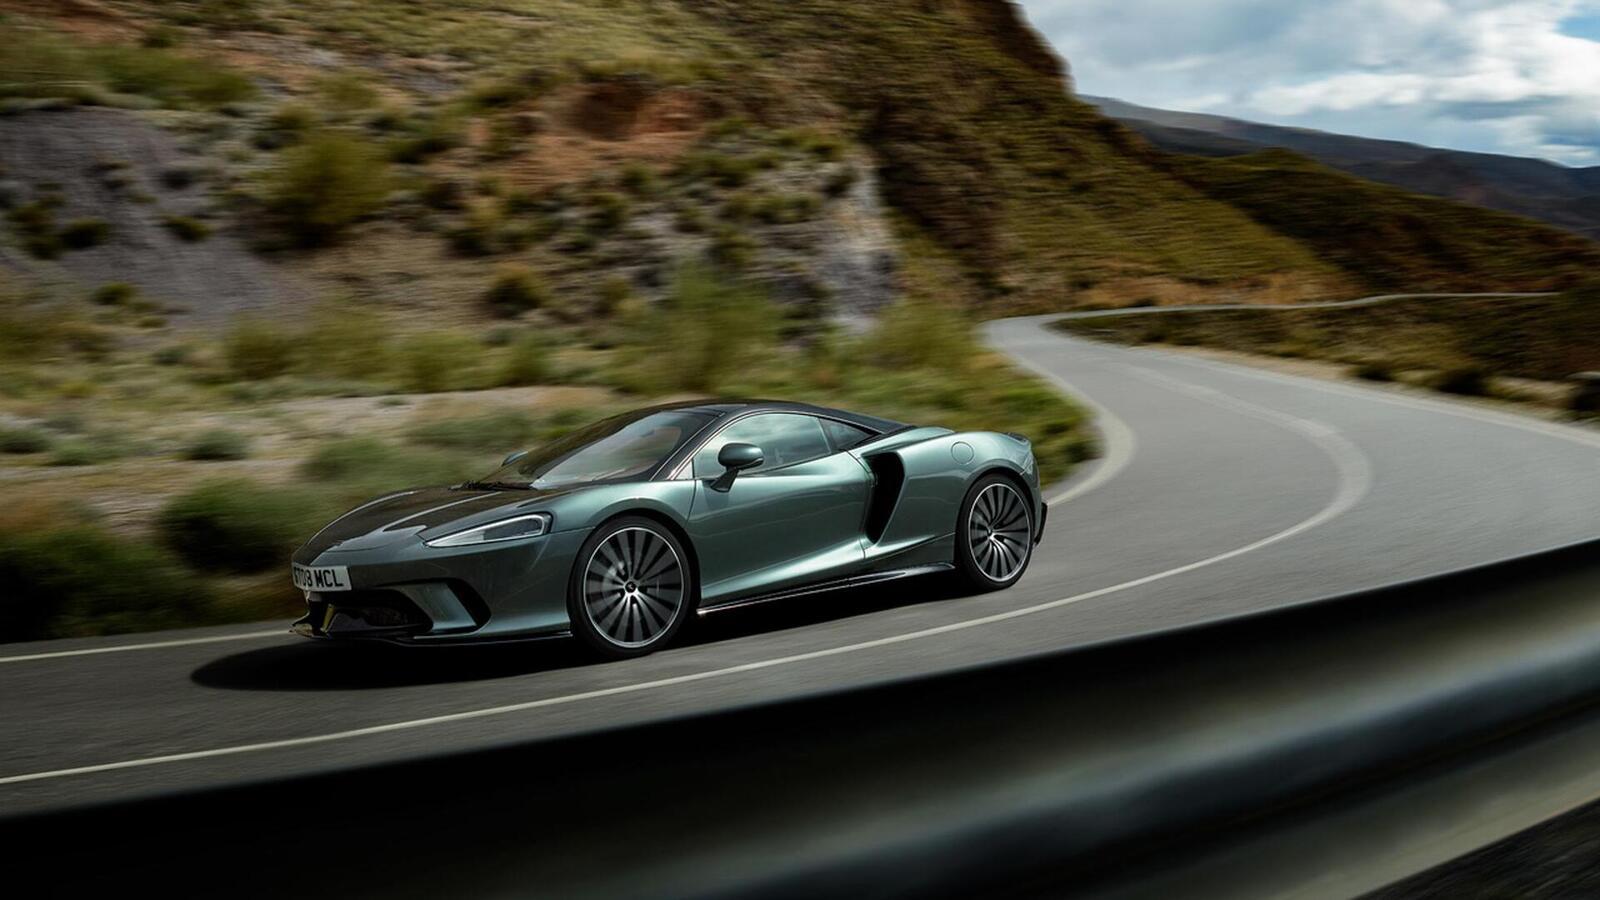 McLaren giới thiệu siêu xe GT 2020 hoàn toàn mới: Động cơ mạnh mẽ và cabin thoải mái - Hình 15